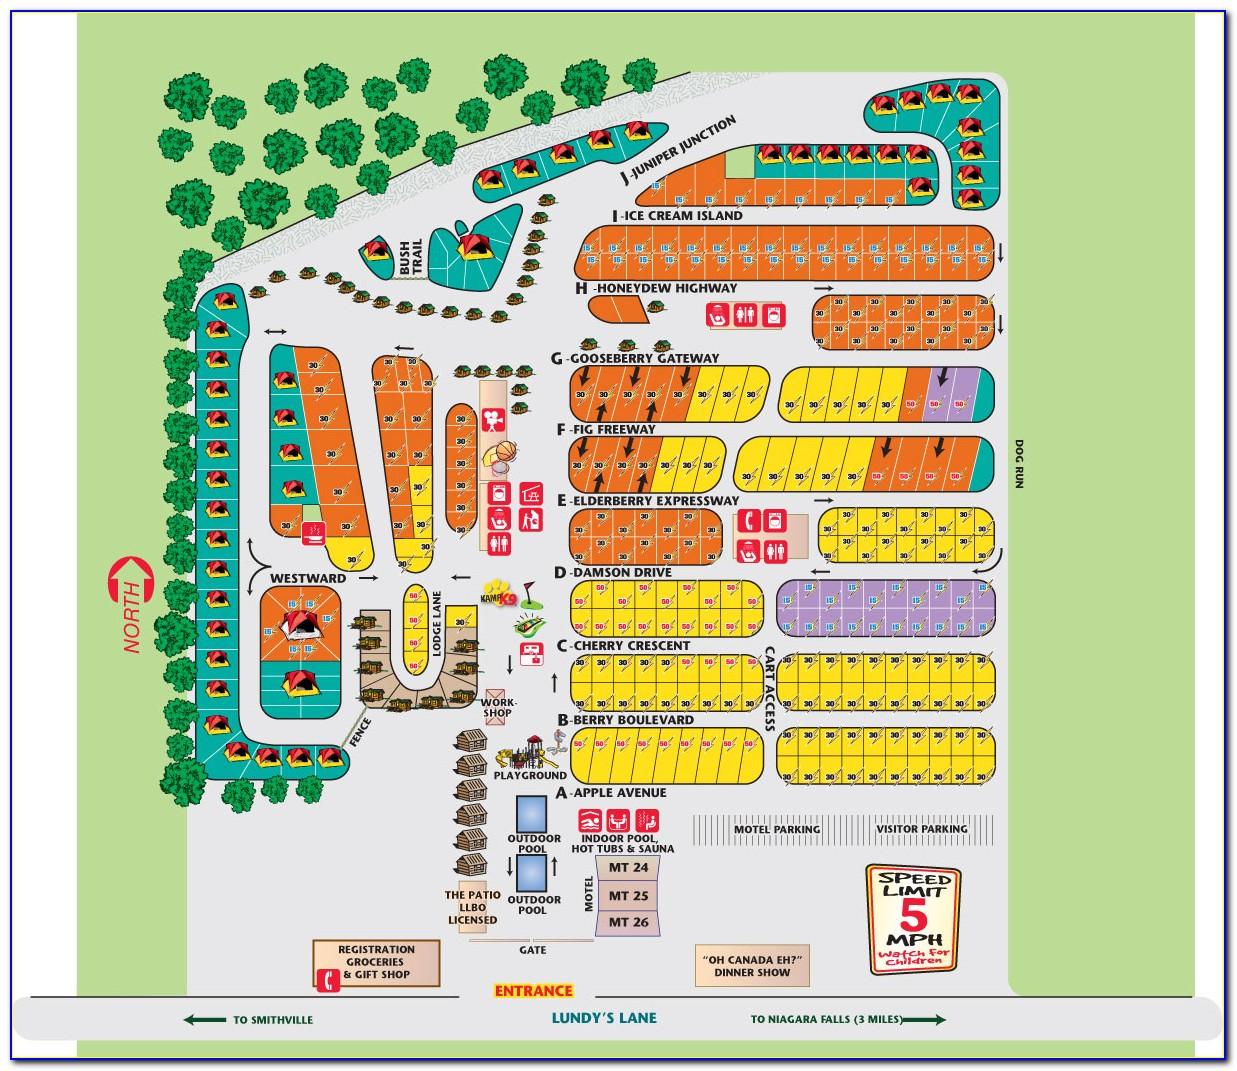 Myrtle Beach Koa Site Map